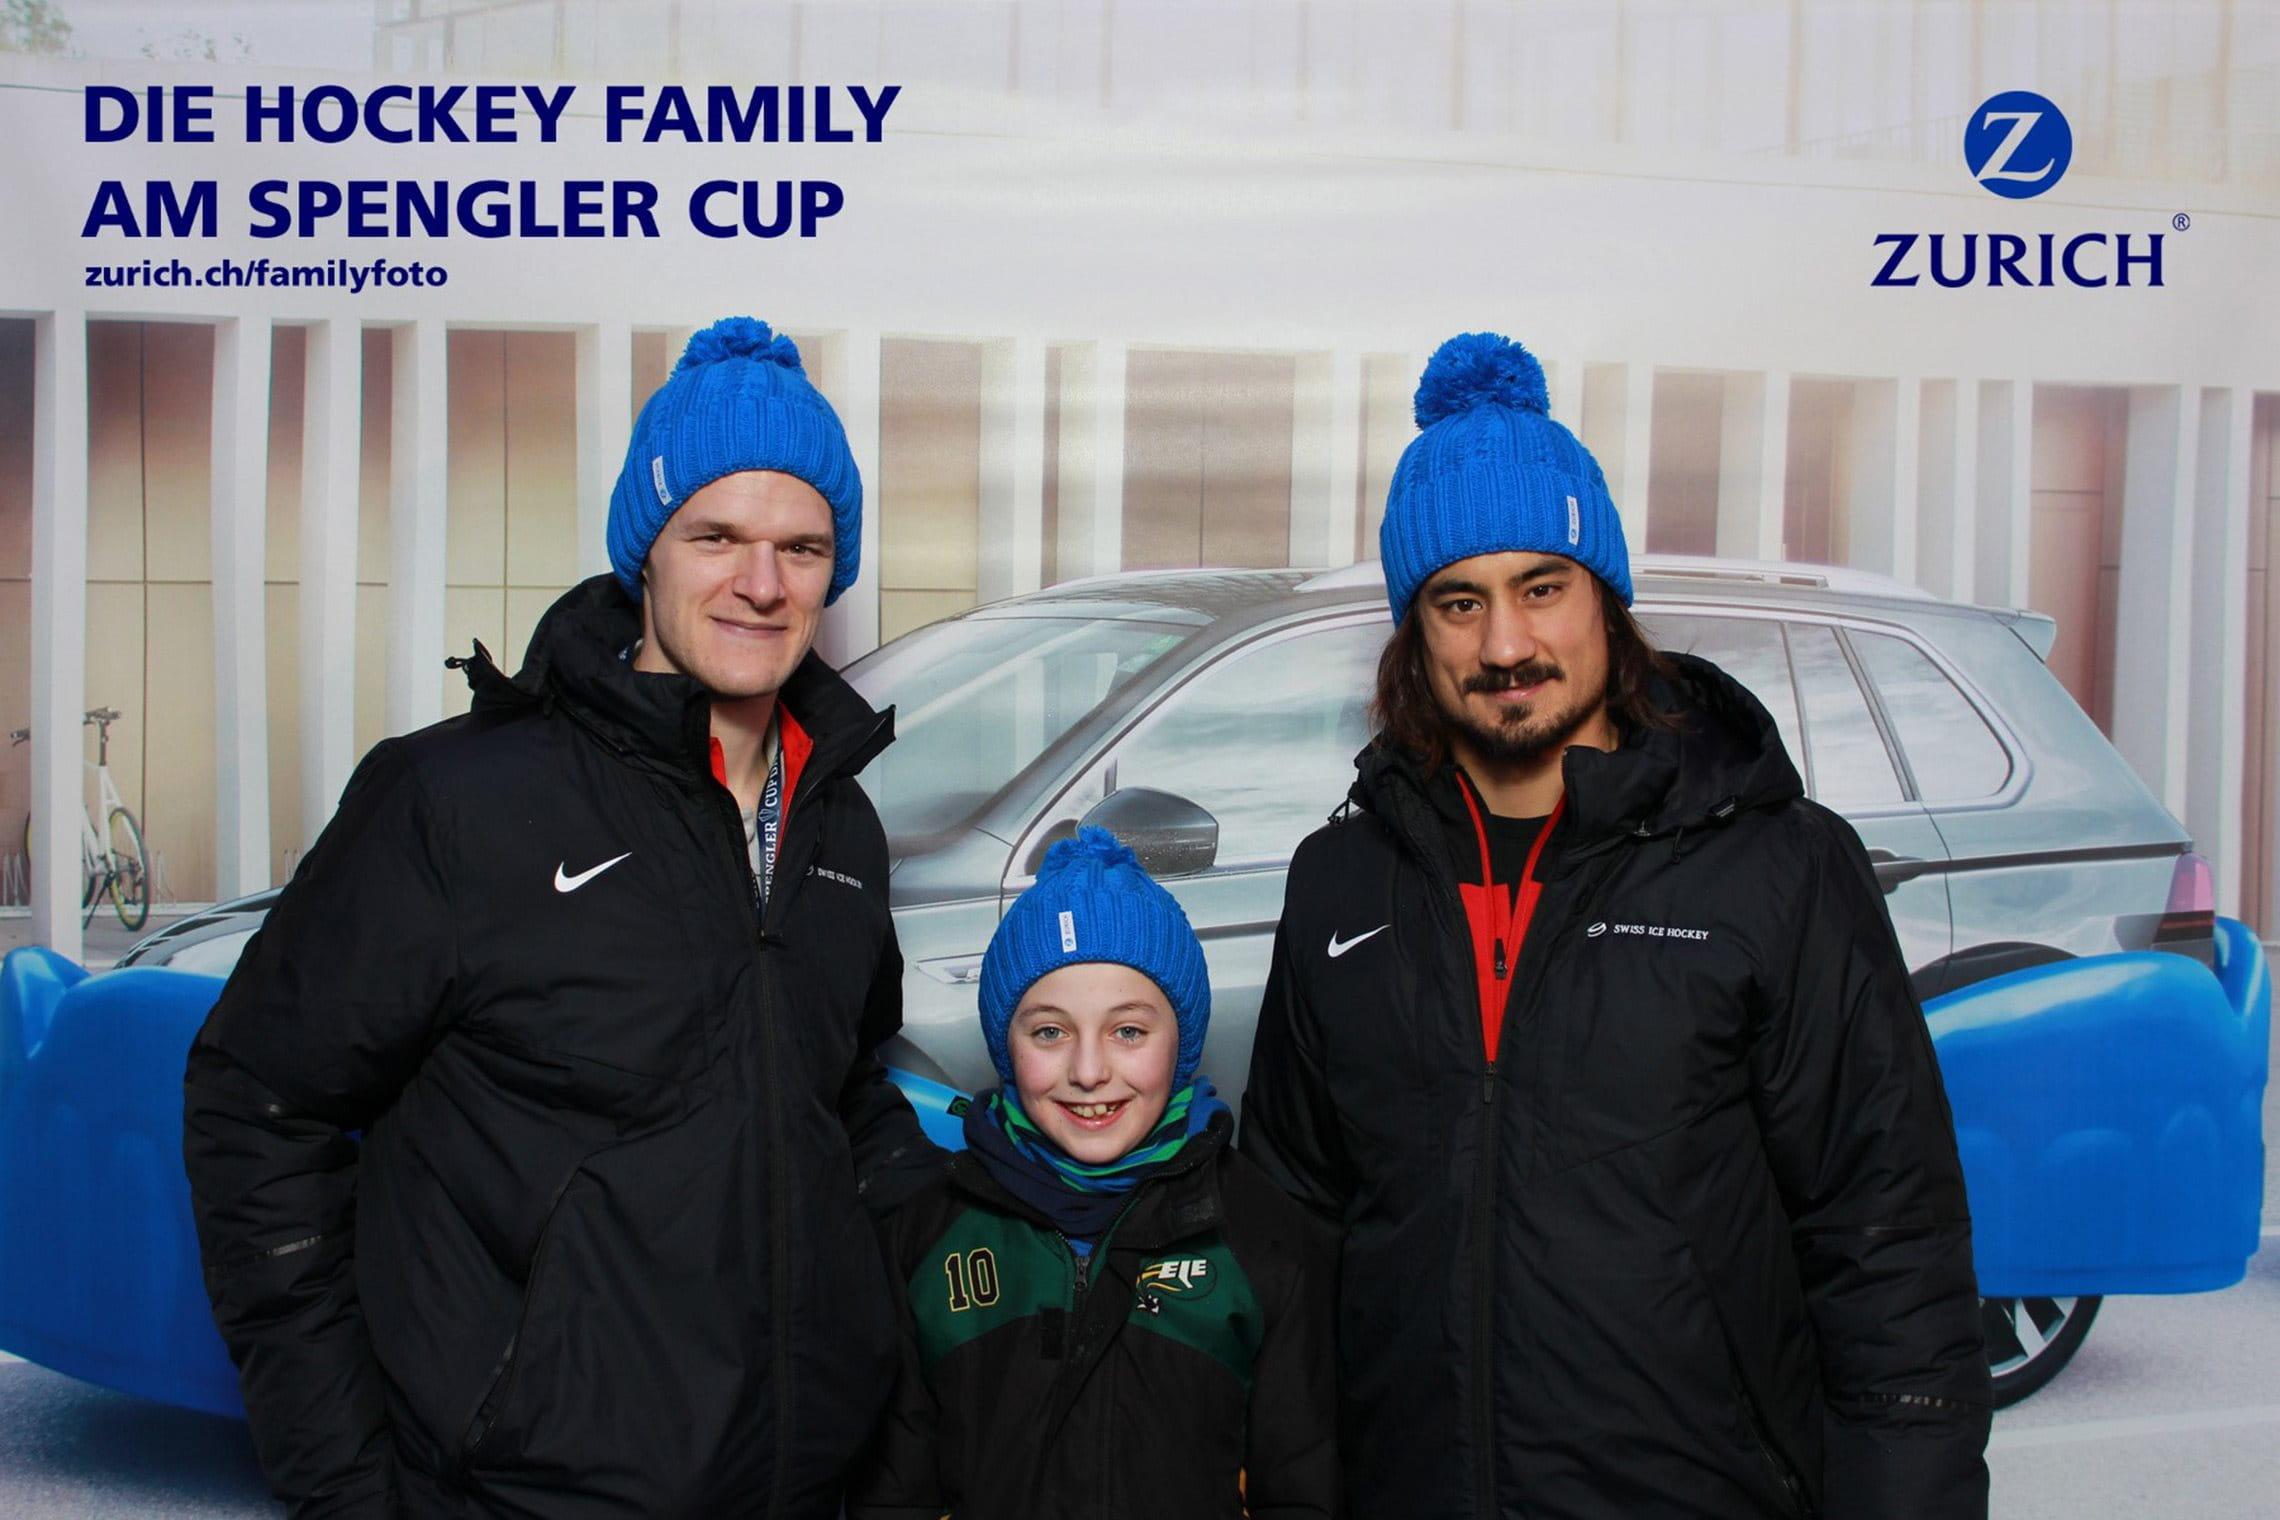 Spengler Cup 2